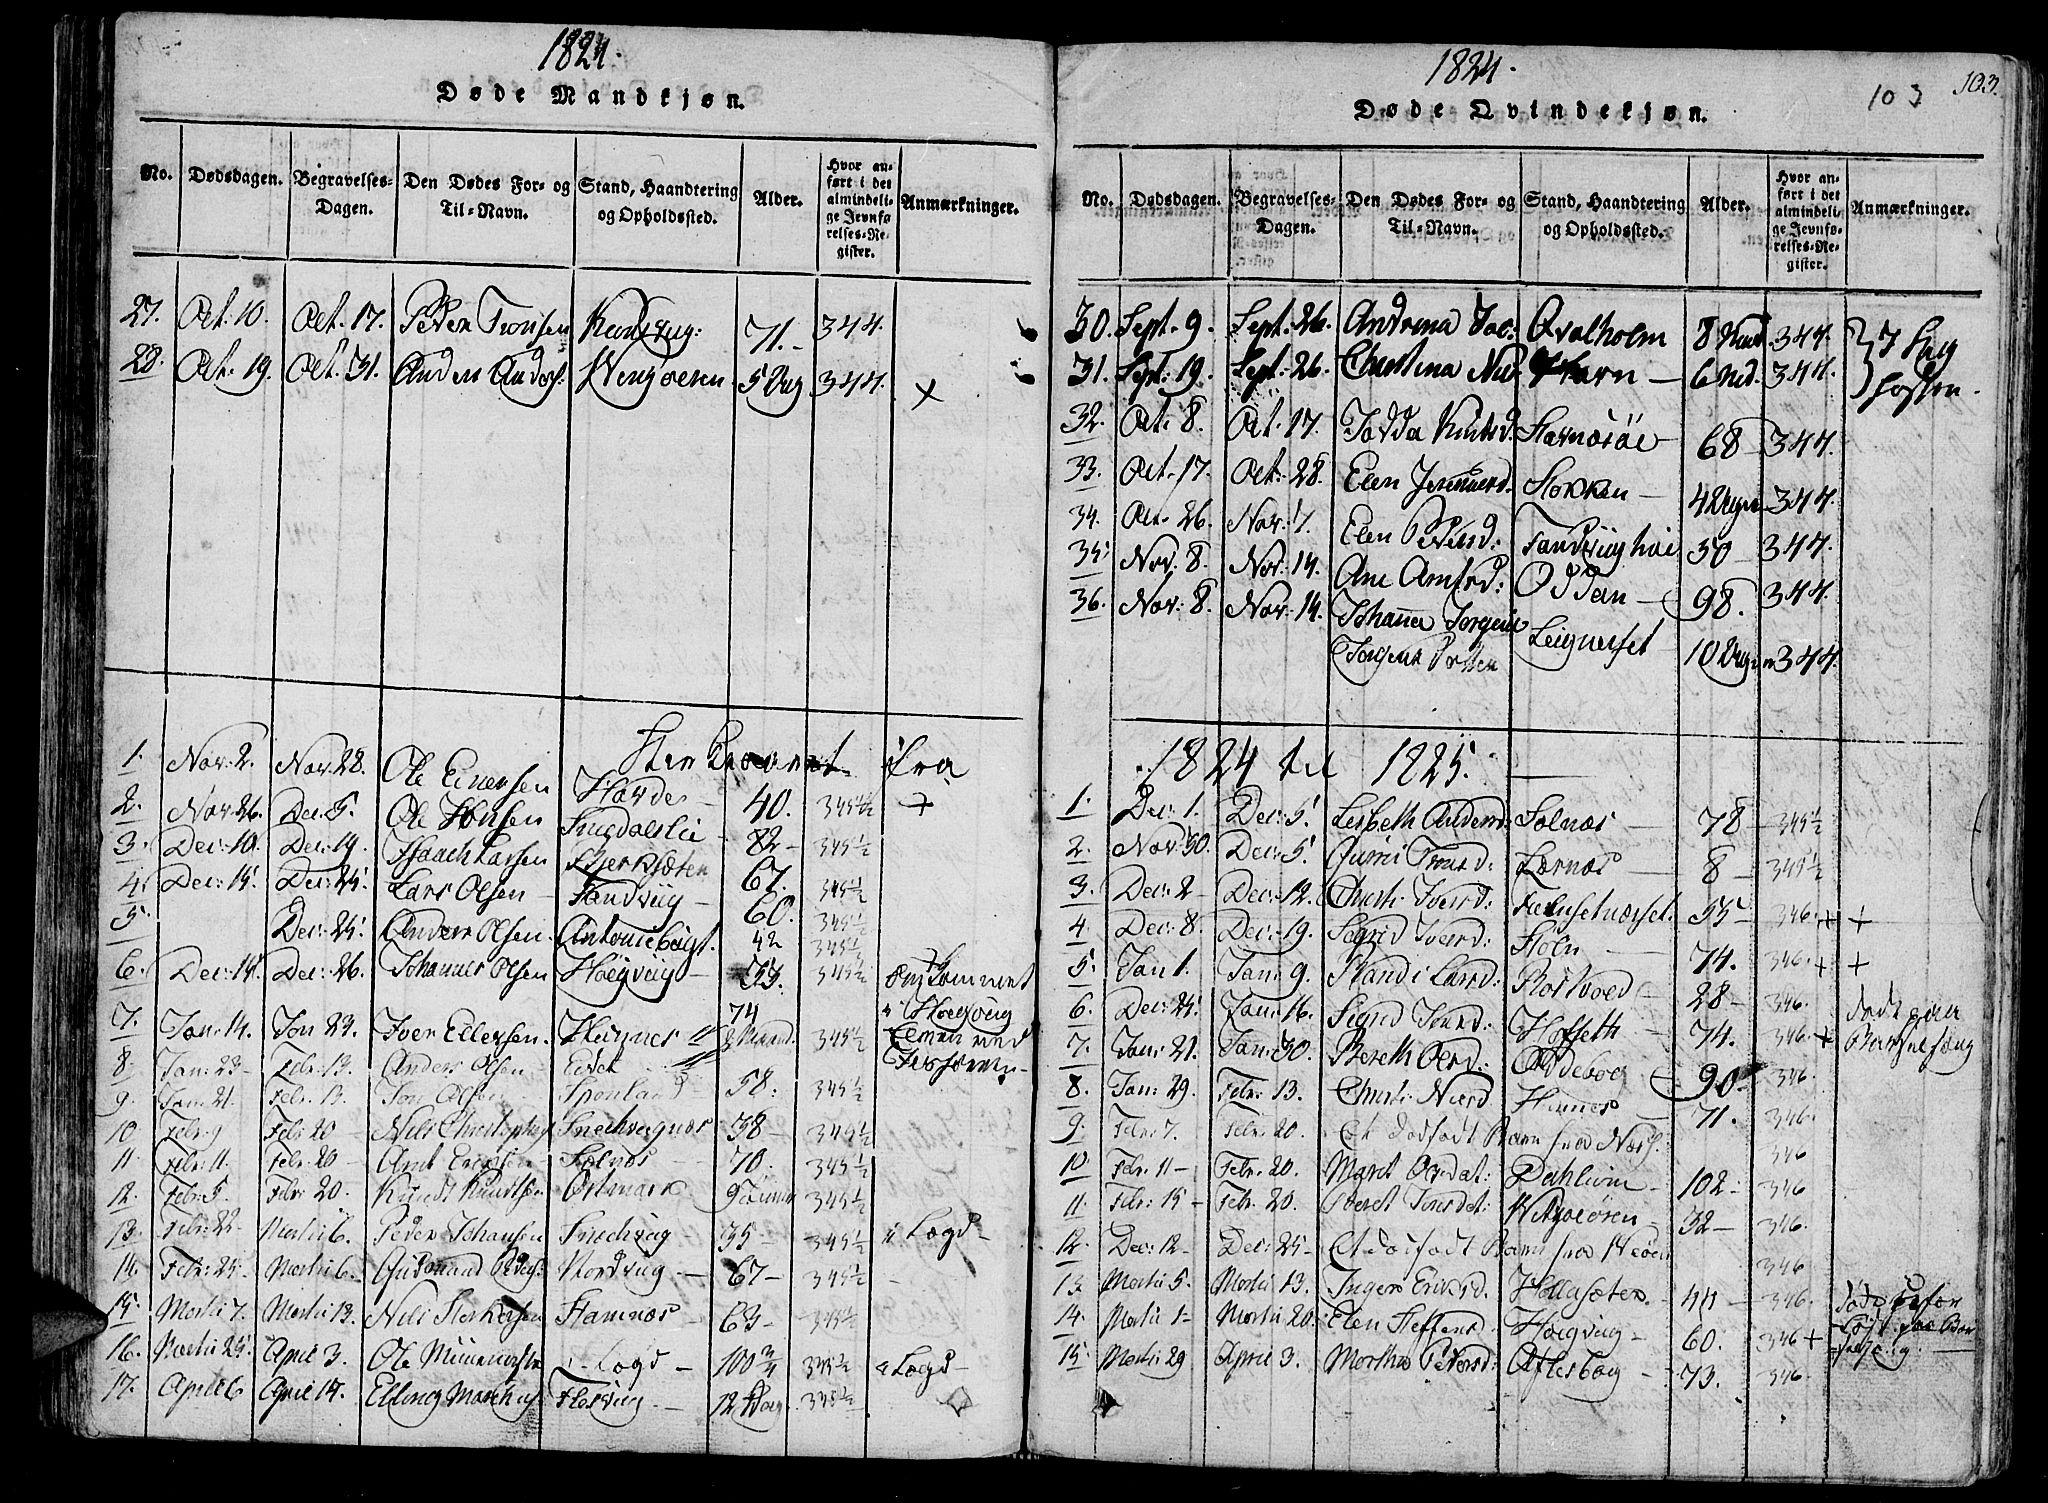 SAT, Ministerialprotokoller, klokkerbøker og fødselsregistre - Sør-Trøndelag, 630/L0491: Ministerialbok nr. 630A04, 1818-1830, s. 103